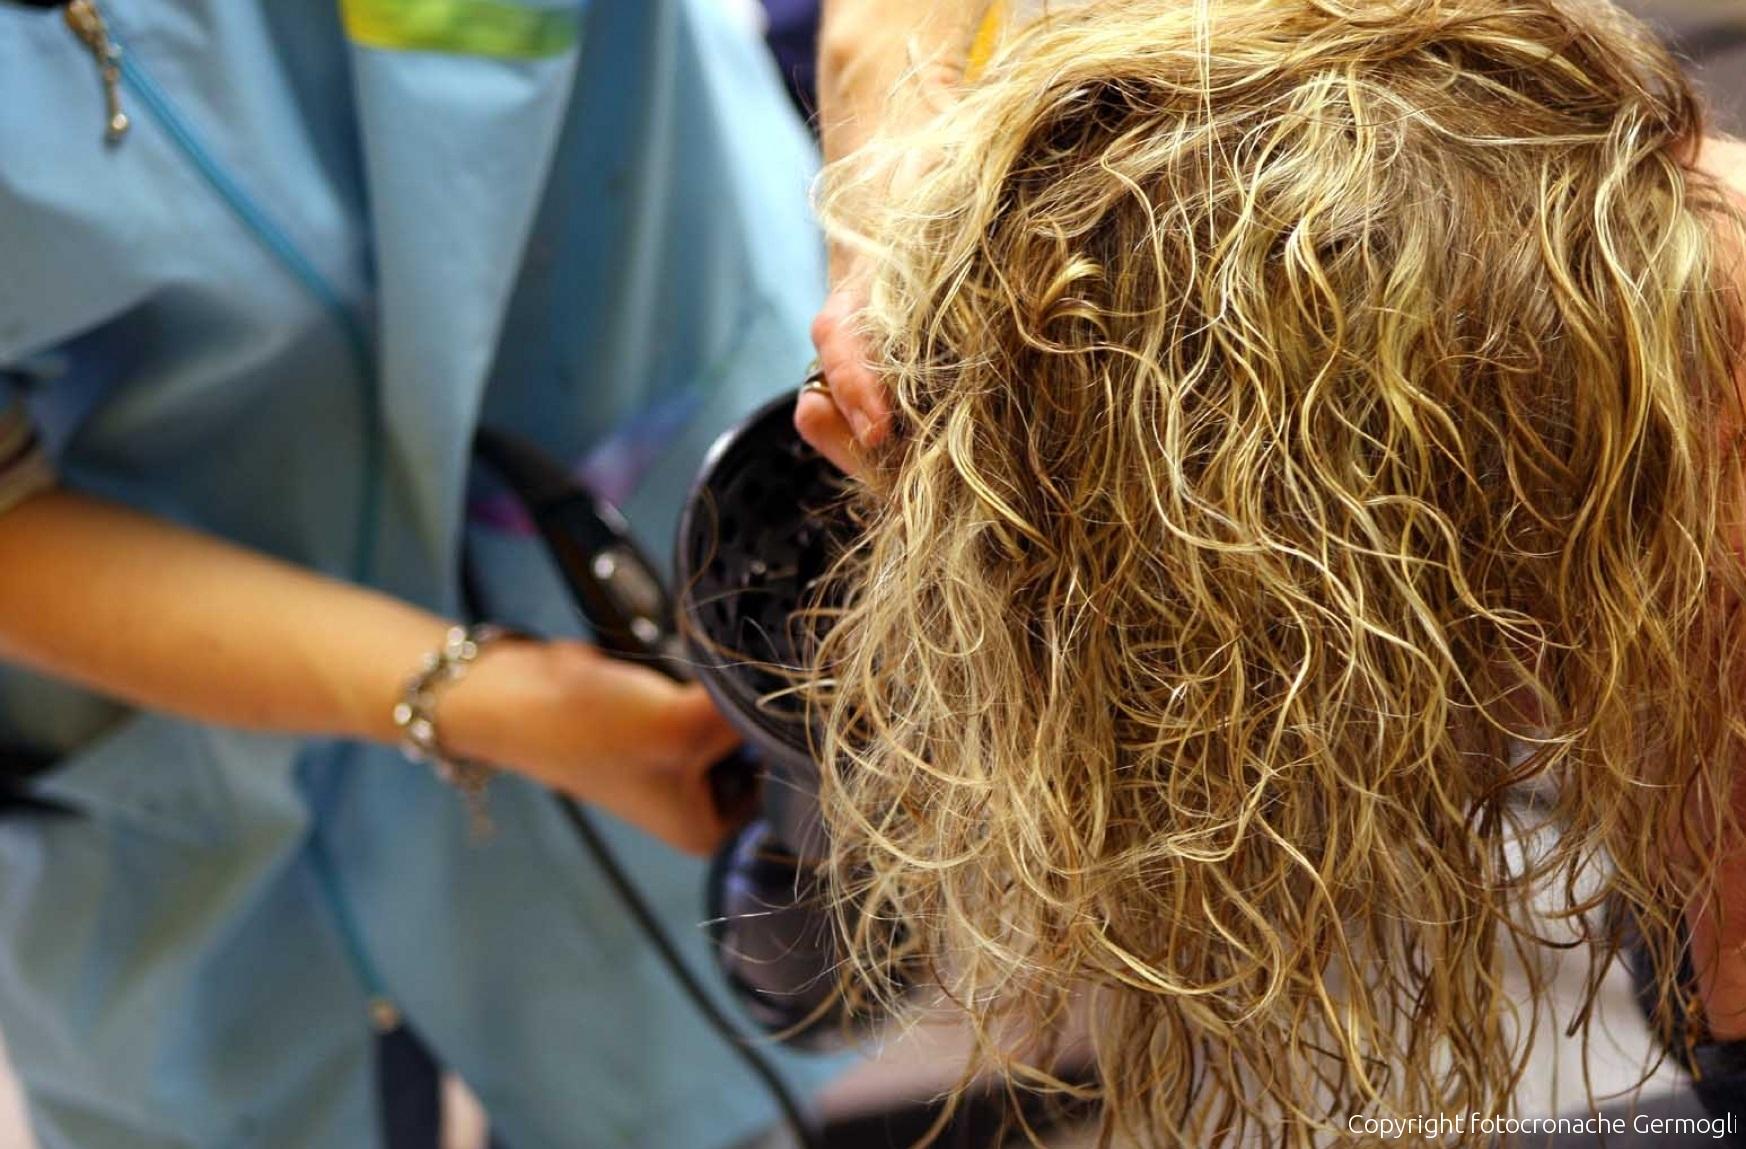 Signa, ustioni alla testa dopo la tinta: denunciato parrucchiere per lesioni colpose